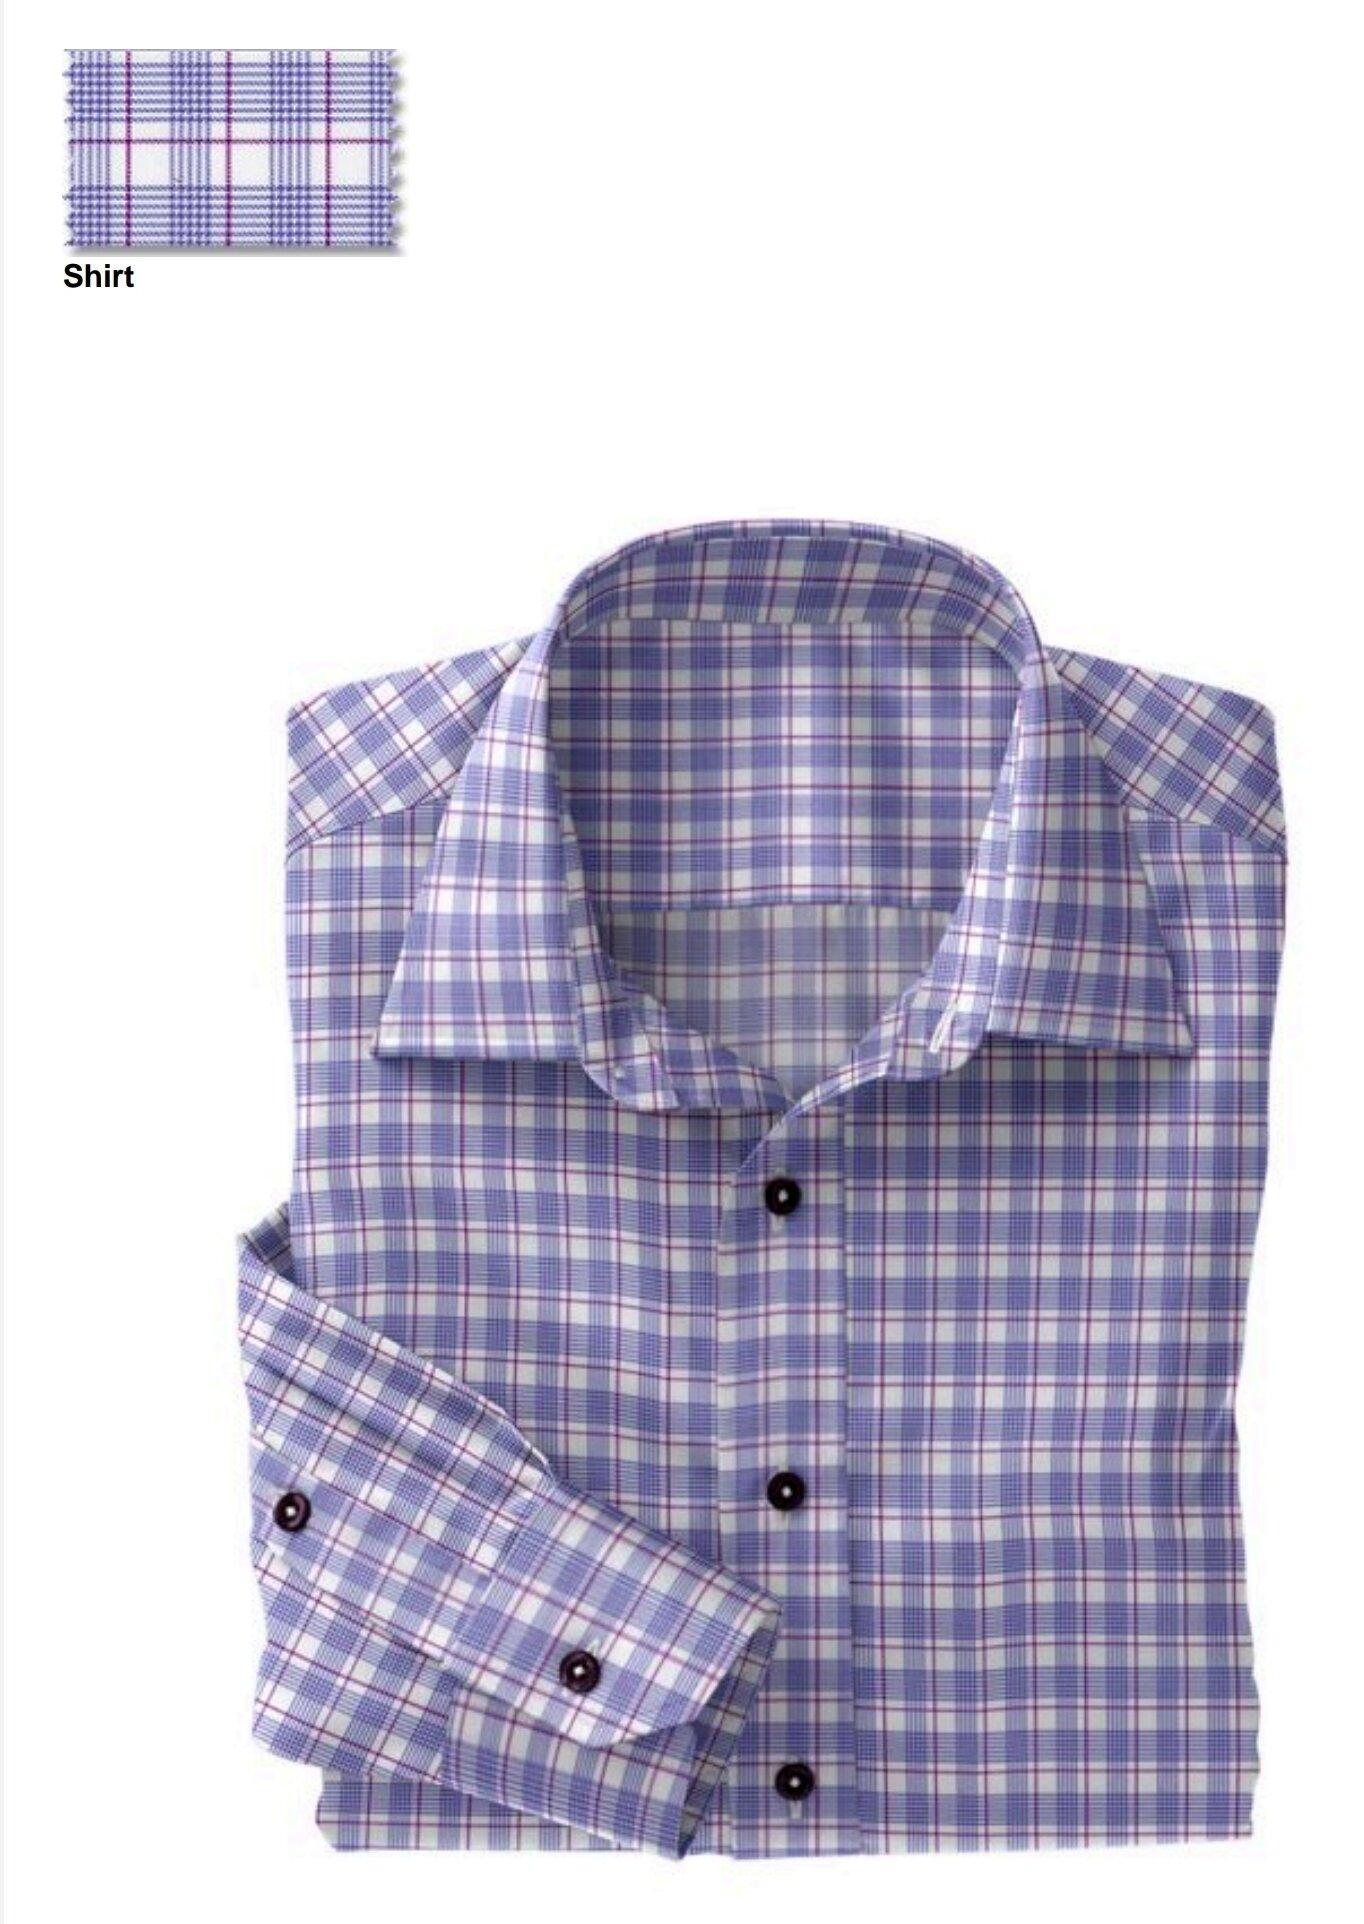 Fabric:  N5-4074721  Blue Violet Plaid (91% Nylon 9% Spandex)